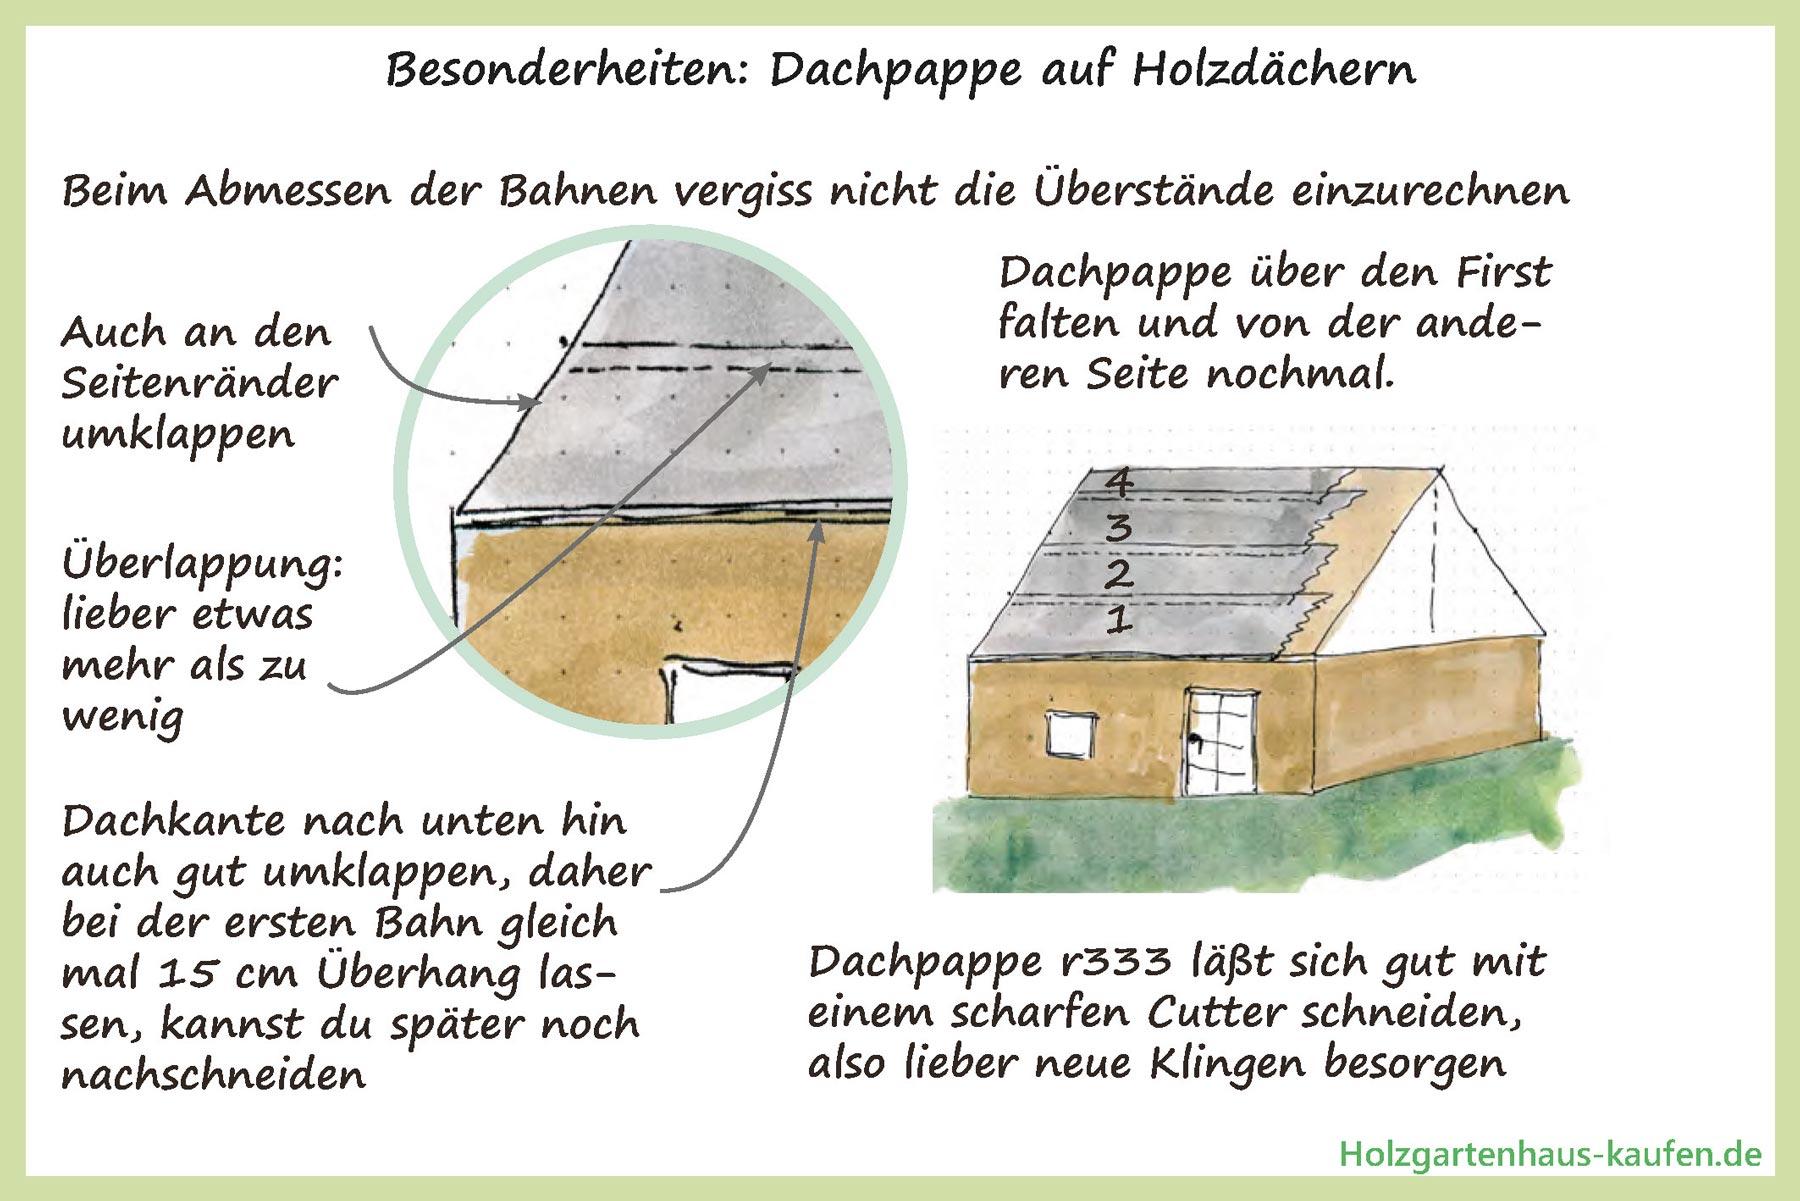 dachpappe kaufen und verlegen ratgeber mit vielen skizzen. Black Bedroom Furniture Sets. Home Design Ideas